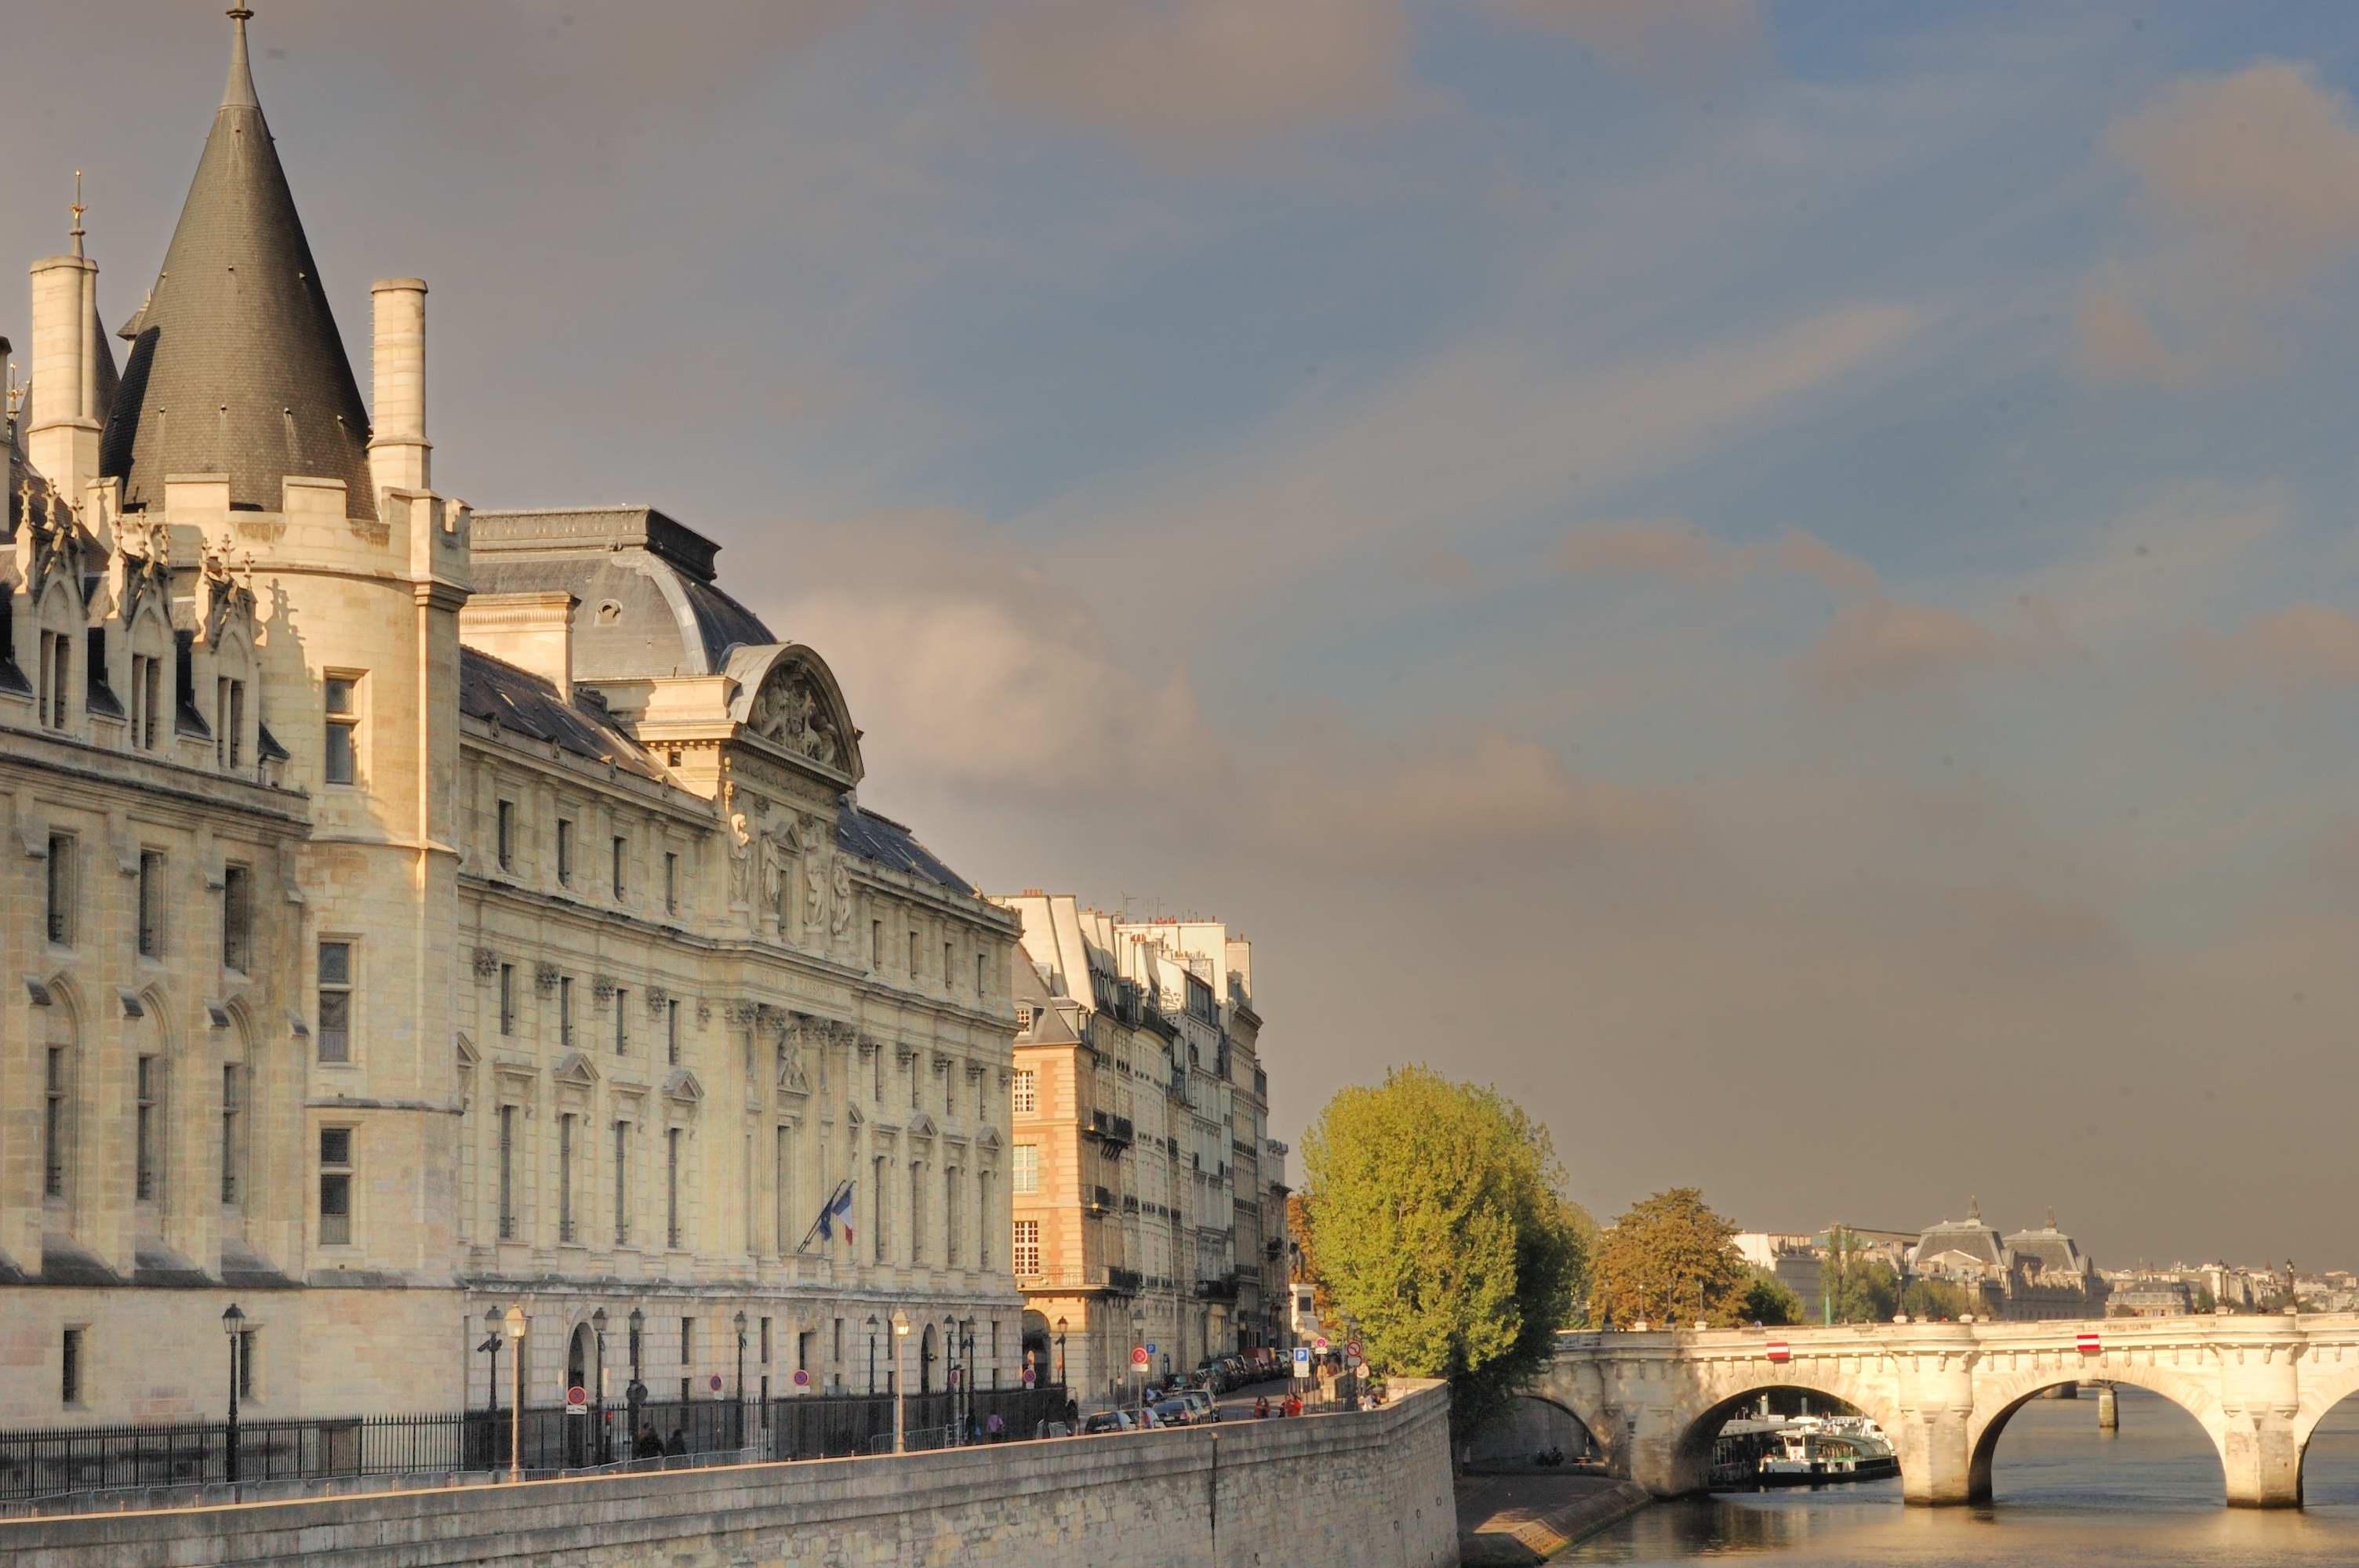 Fichier:Palais de Justice, Paris 22 September 2012.jpg